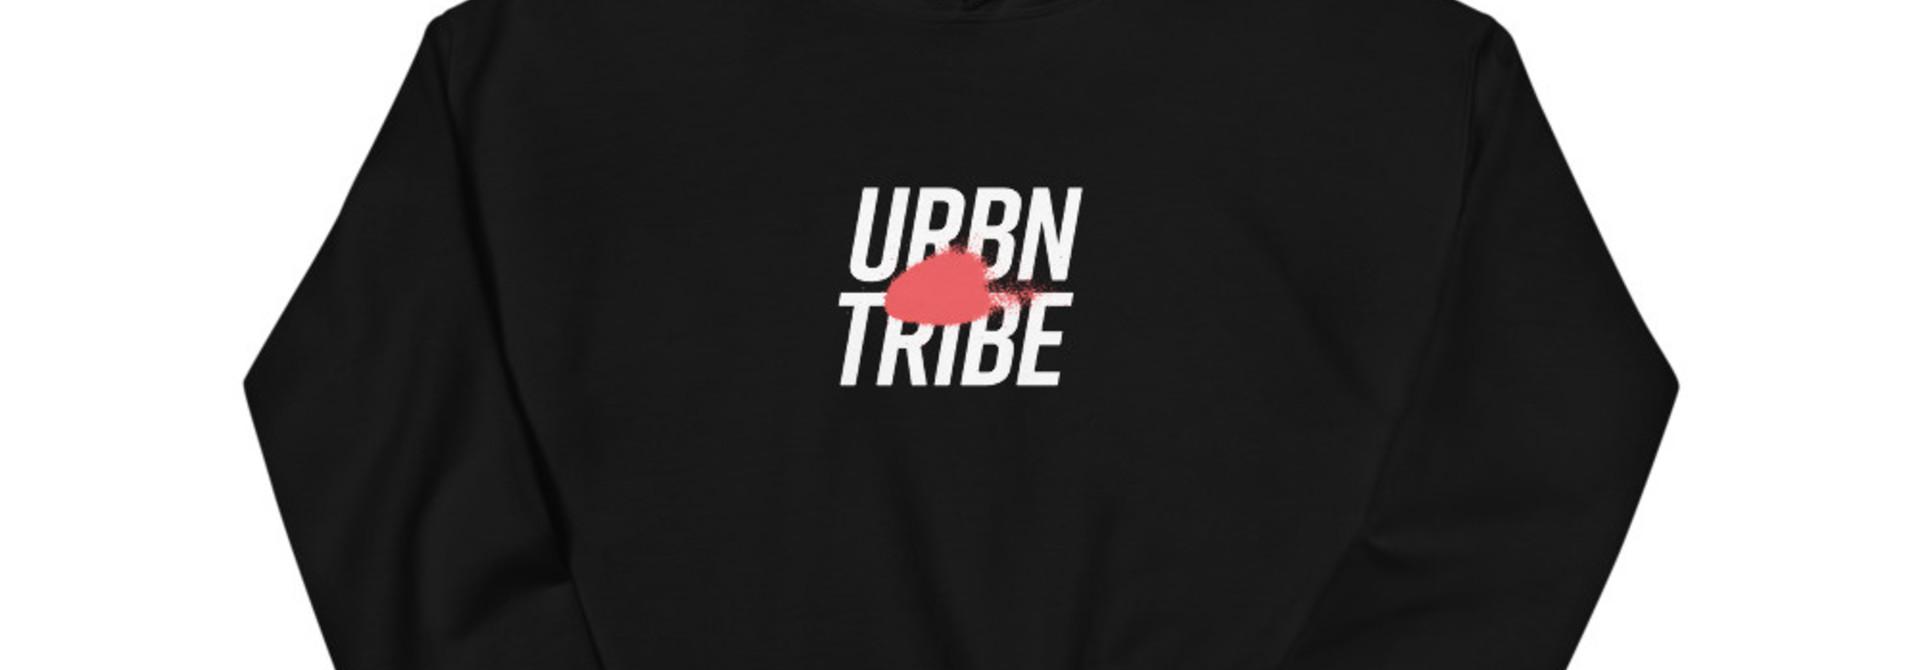 URBN TRIBE HOODIE UNISEX BLACK